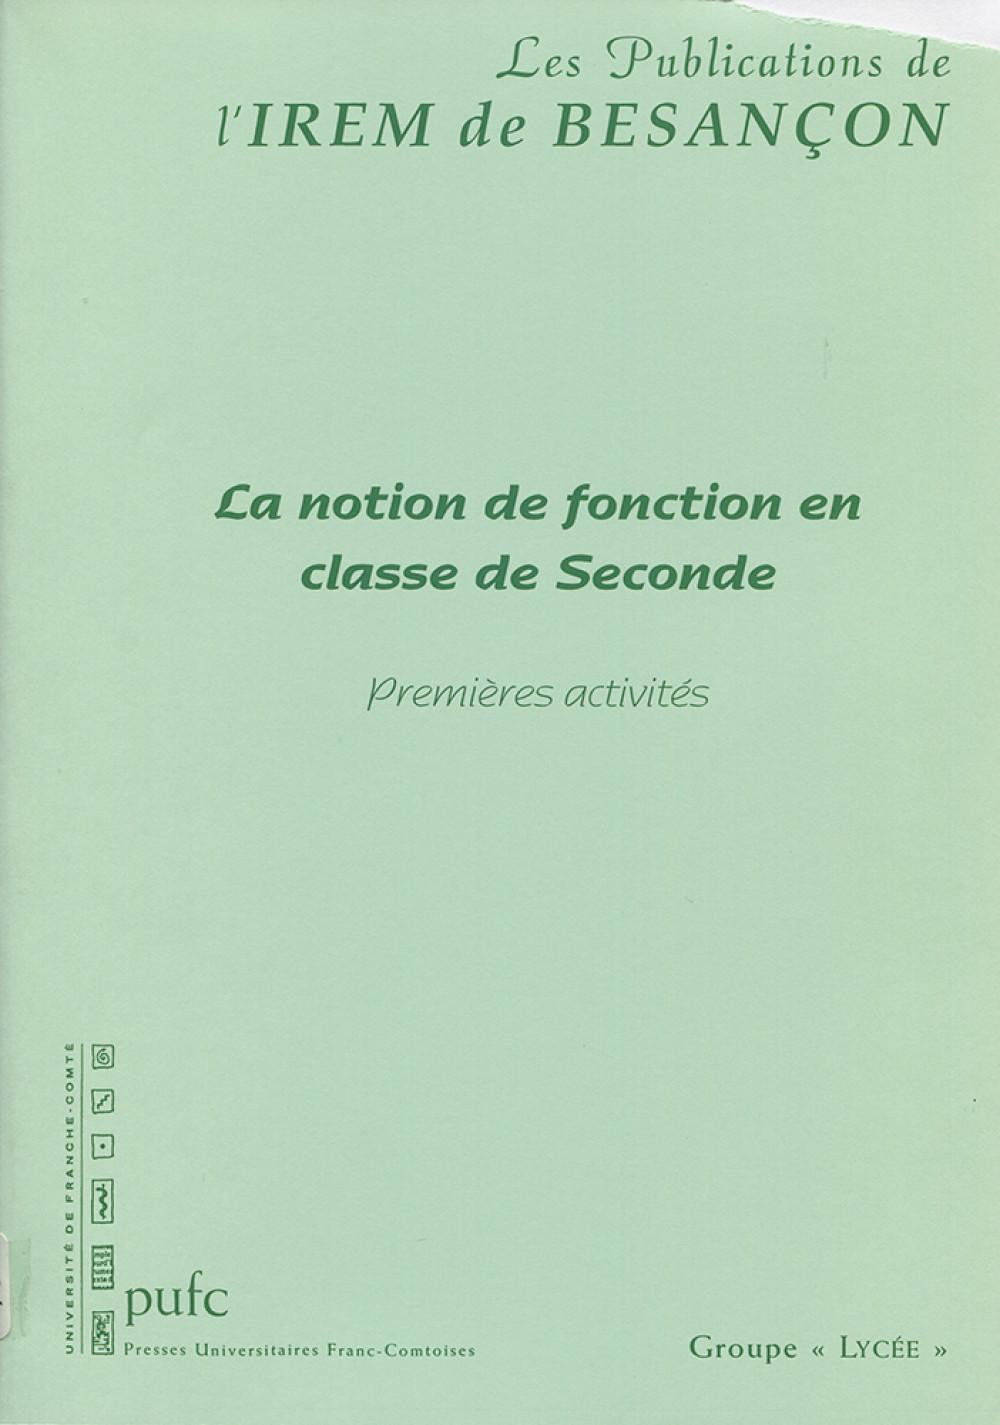 La notion de fonction en classe de seconde